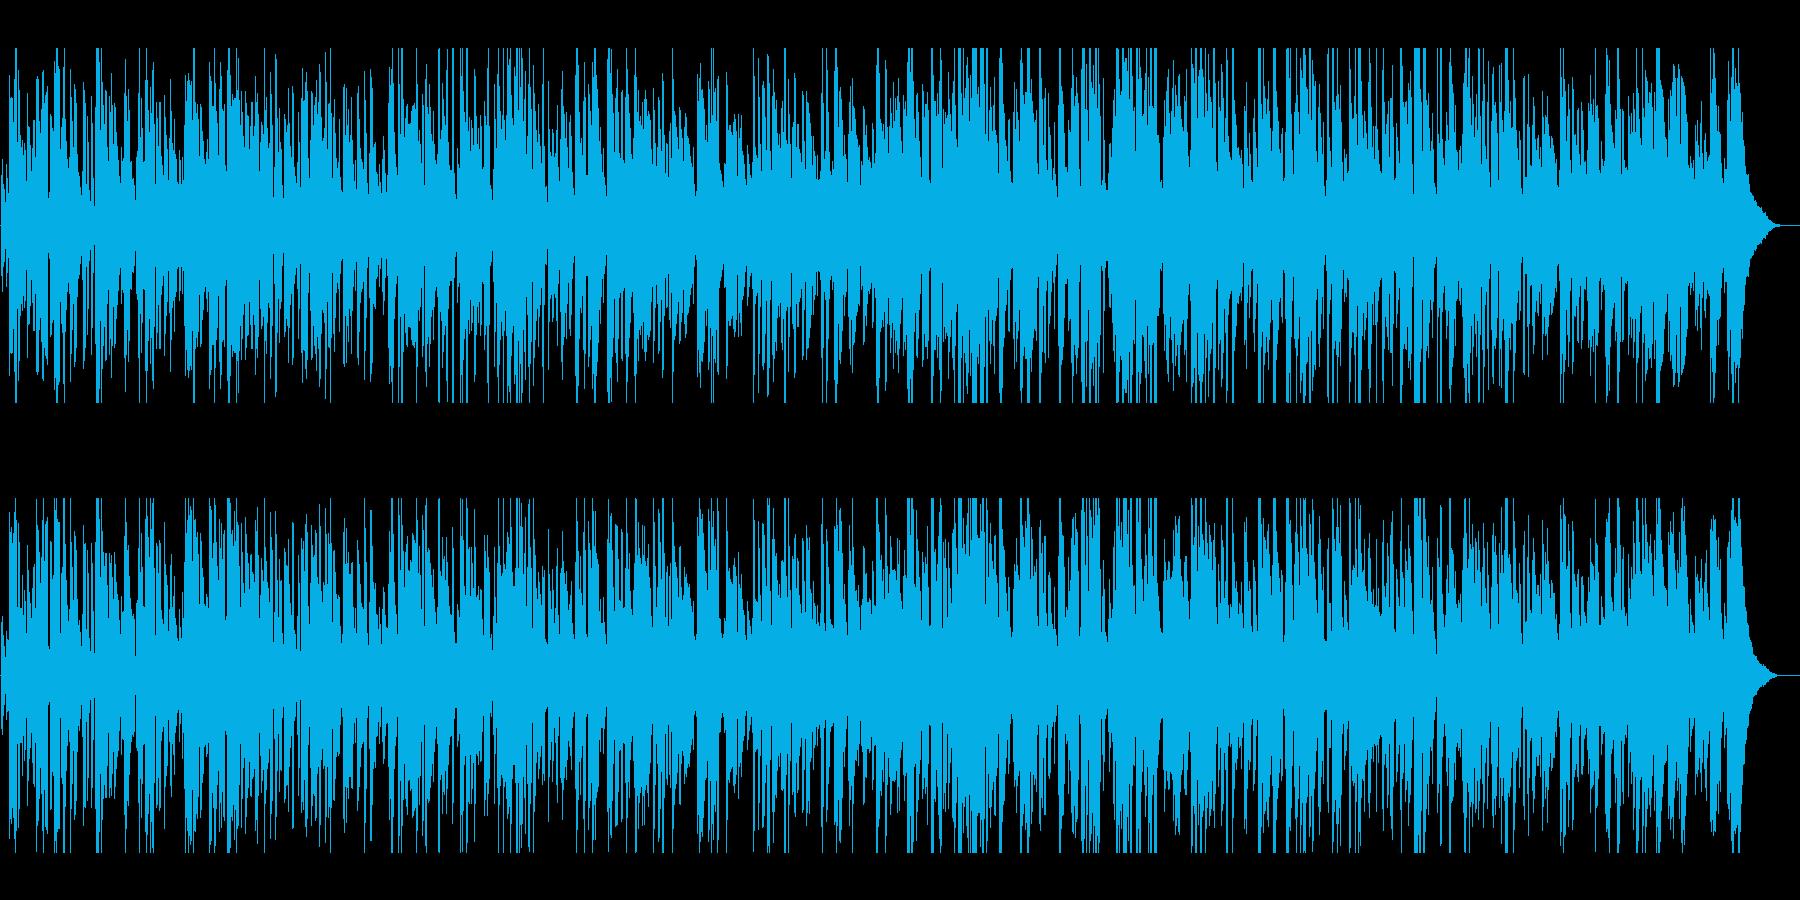 プロ生演奏ギター爽やか疾走感ジャズBGMの再生済みの波形